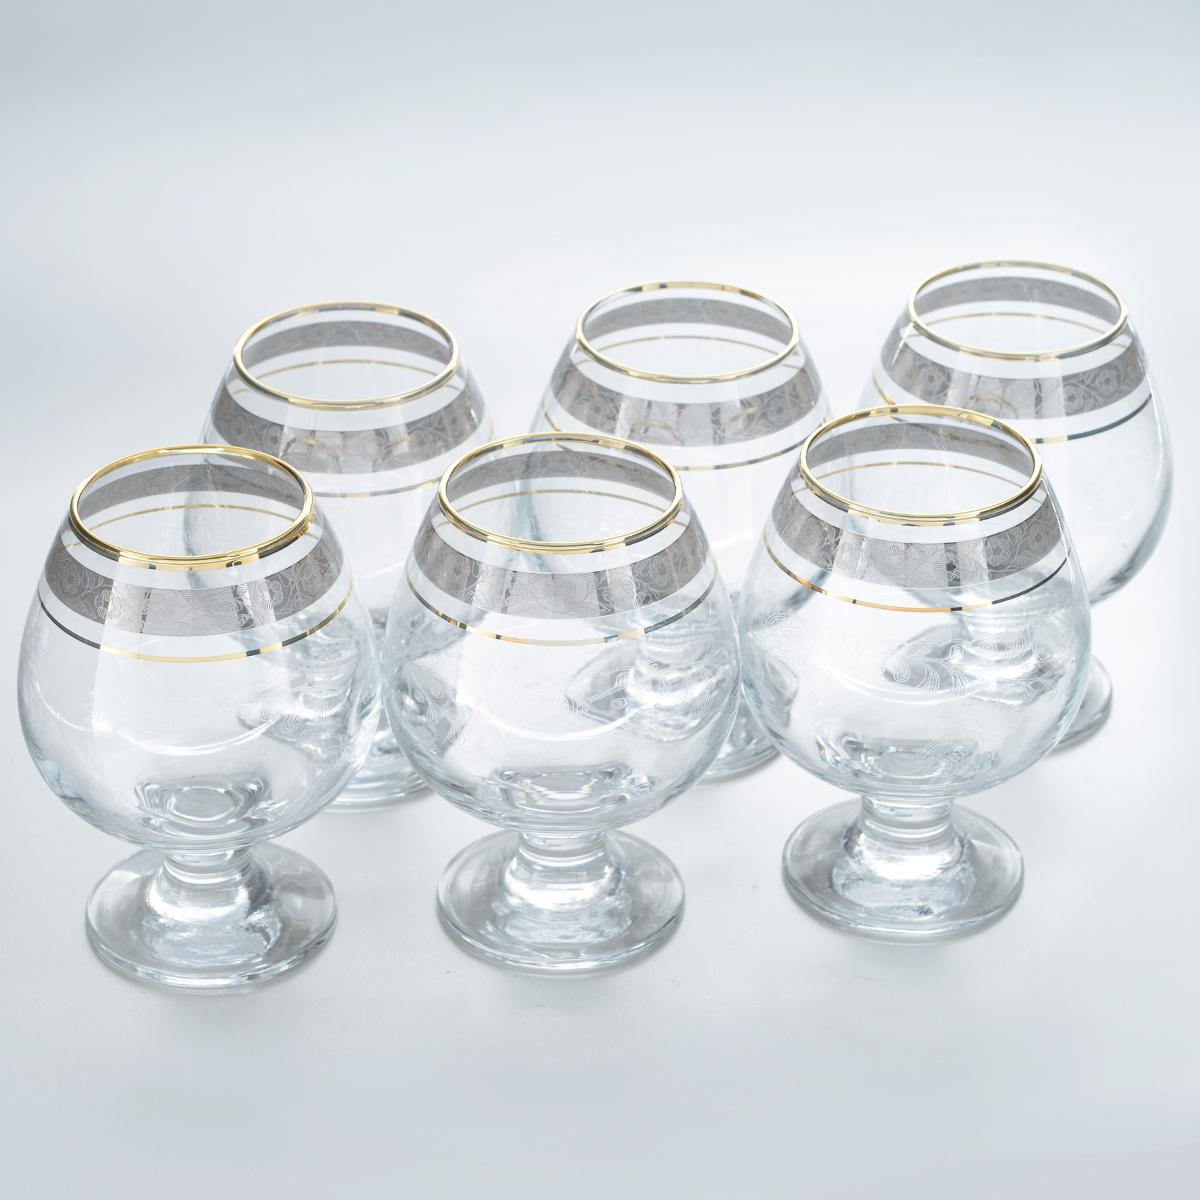 Набор бокалов для бренди Гусь-Хрустальный Нежность, 400 мл, 6 штTL34-188Набор Гусь-Хрустальный Нежность состоит из 6 бокалов на низкой ножке, изготовленных из высококачественного натрий-кальций-силикатного стекла. Изделия оформлены красивым зеркальным покрытием, окантовкой с цветочным узором и прозрачным орнаментом. Бокалы предназначены для подачи бренди. Такой набор прекрасно дополнит праздничный стол и станет желанным подарком в любом доме. Разрешается мыть в посудомоечной машине. Диаметр бокала (по верхнему краю): 5,5 см. Высота бокала: 12,5 см. Диаметр основания бокала: 6,5 см.